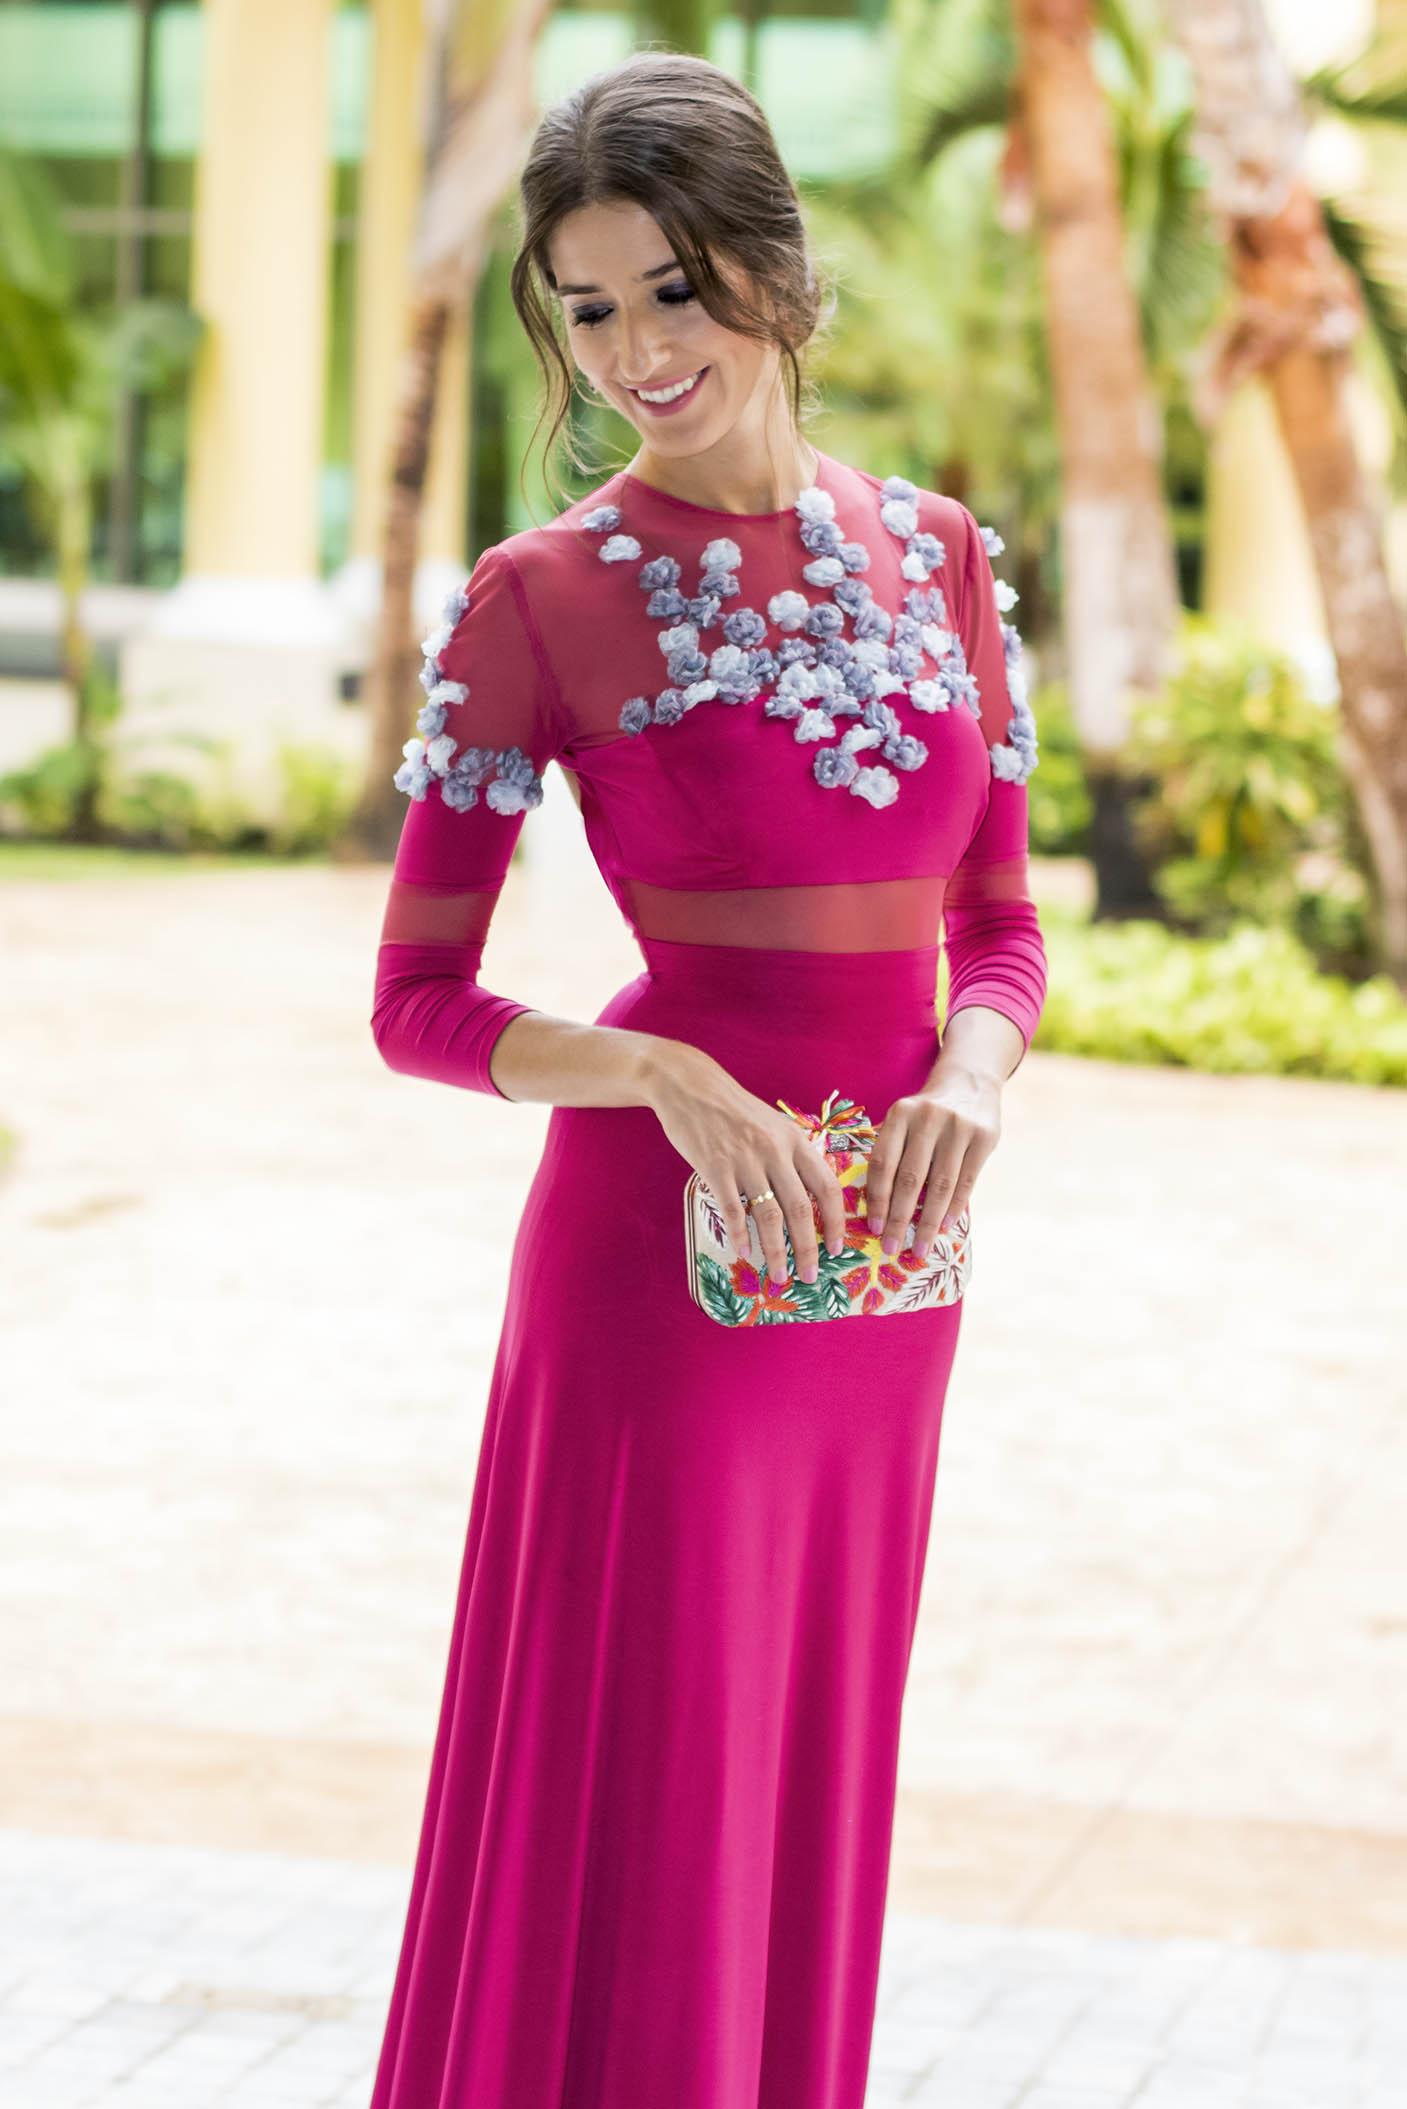 Increíble Negros Y Grises Vestidos De Fiesta Ornamento - Ideas de ...